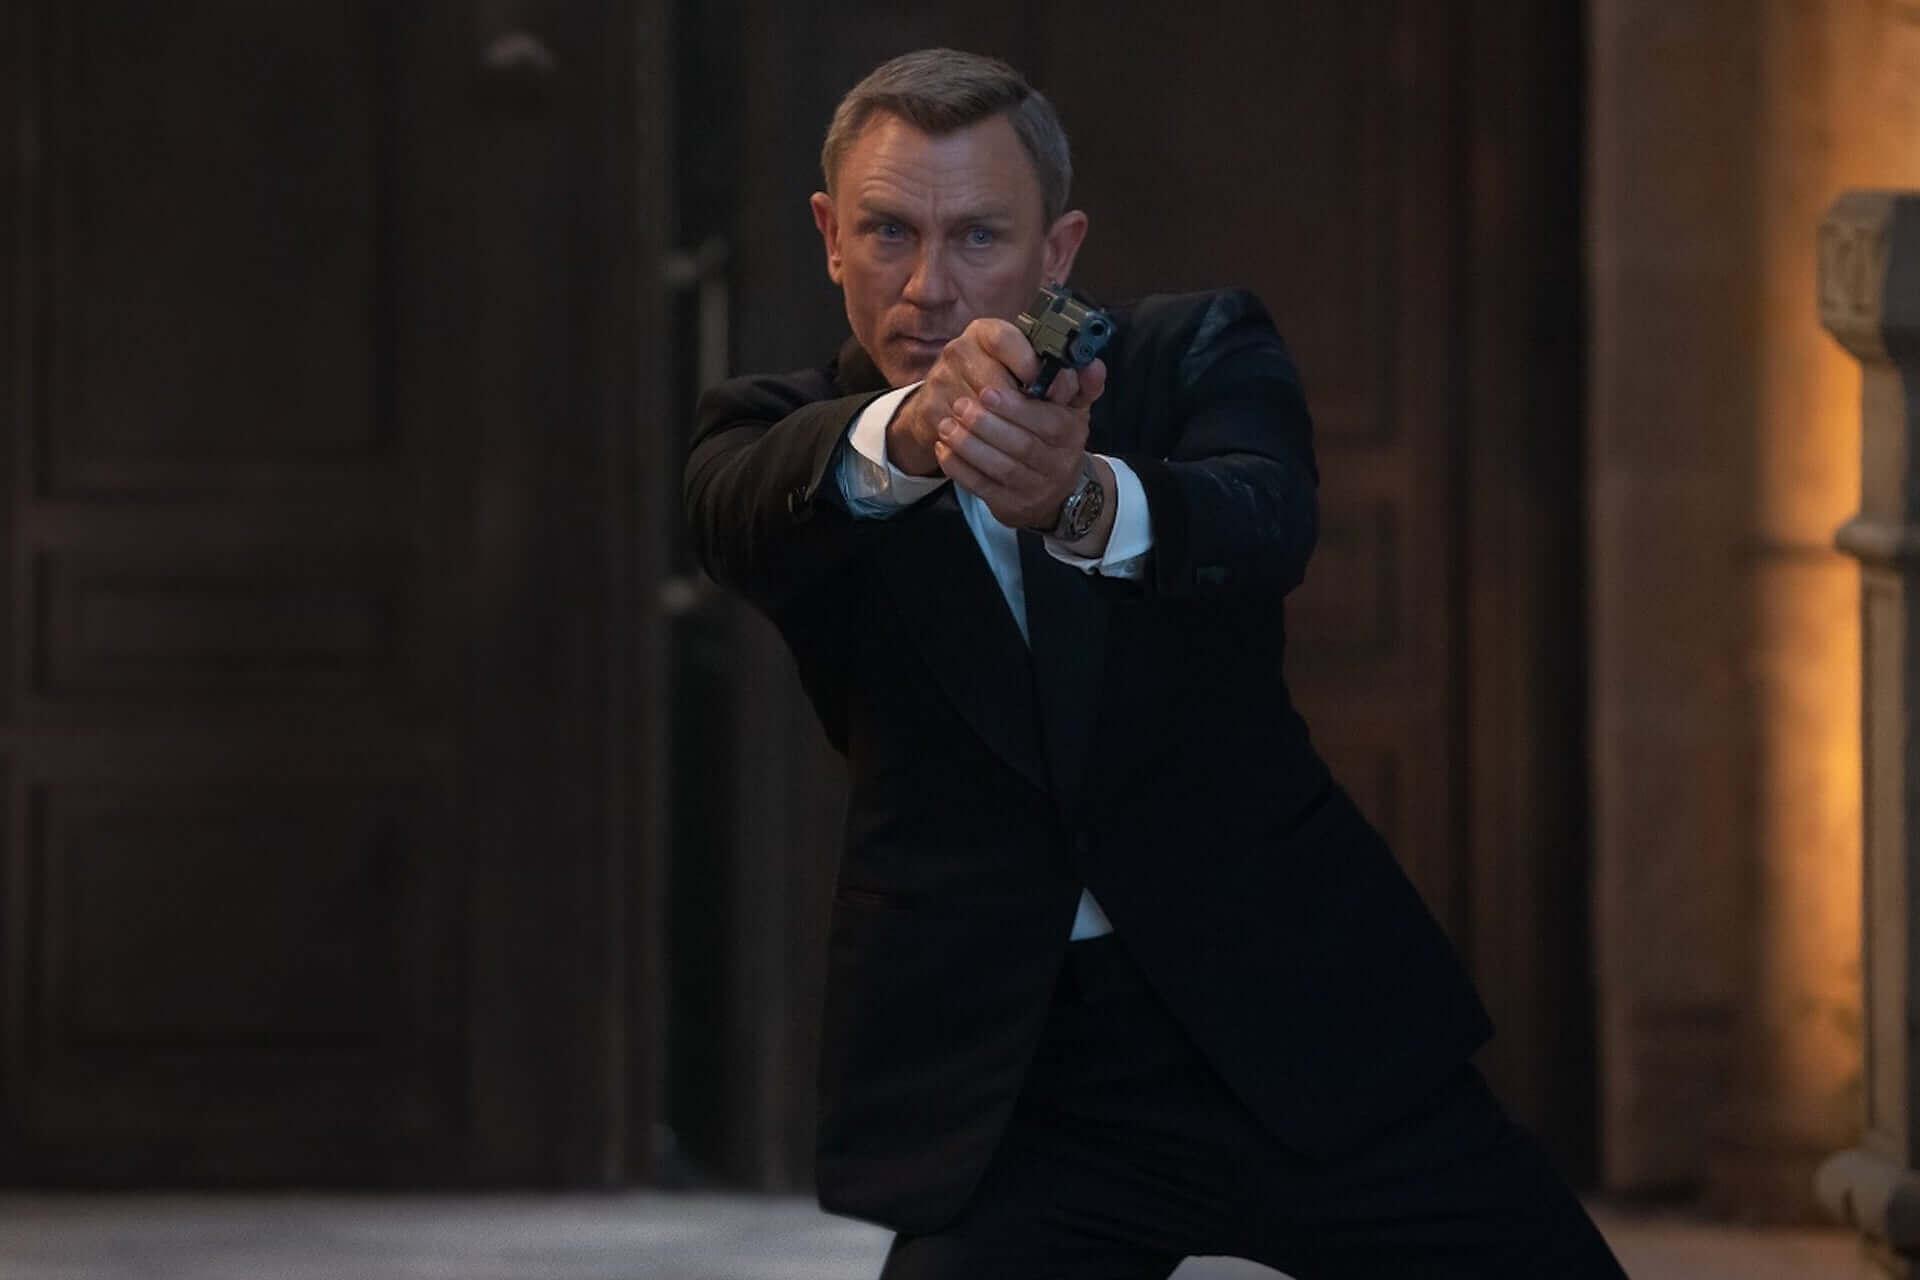 『007/ノー・タイム・トゥ・ダイ』公開前にシリーズを振り返る!ダニエルボンドのストーリーを辿る特別映像解禁 film210917_007_ntd_2